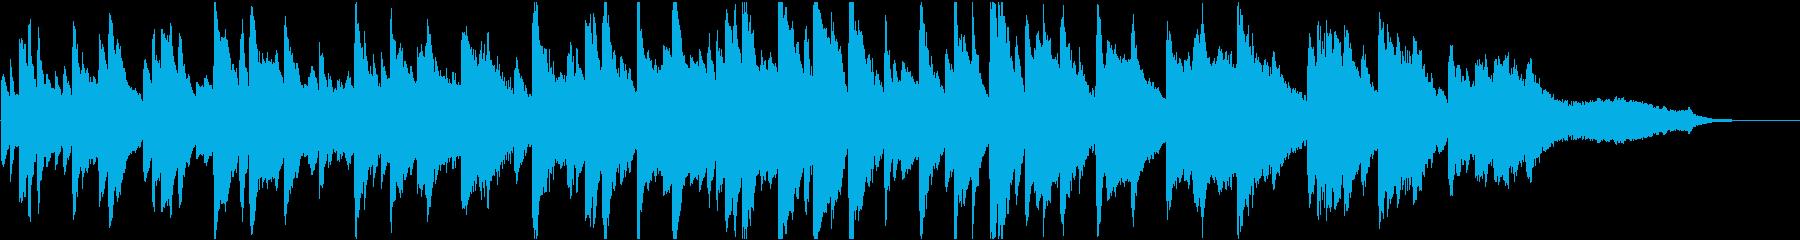 企業VP49 16bit48kHzVerの再生済みの波形